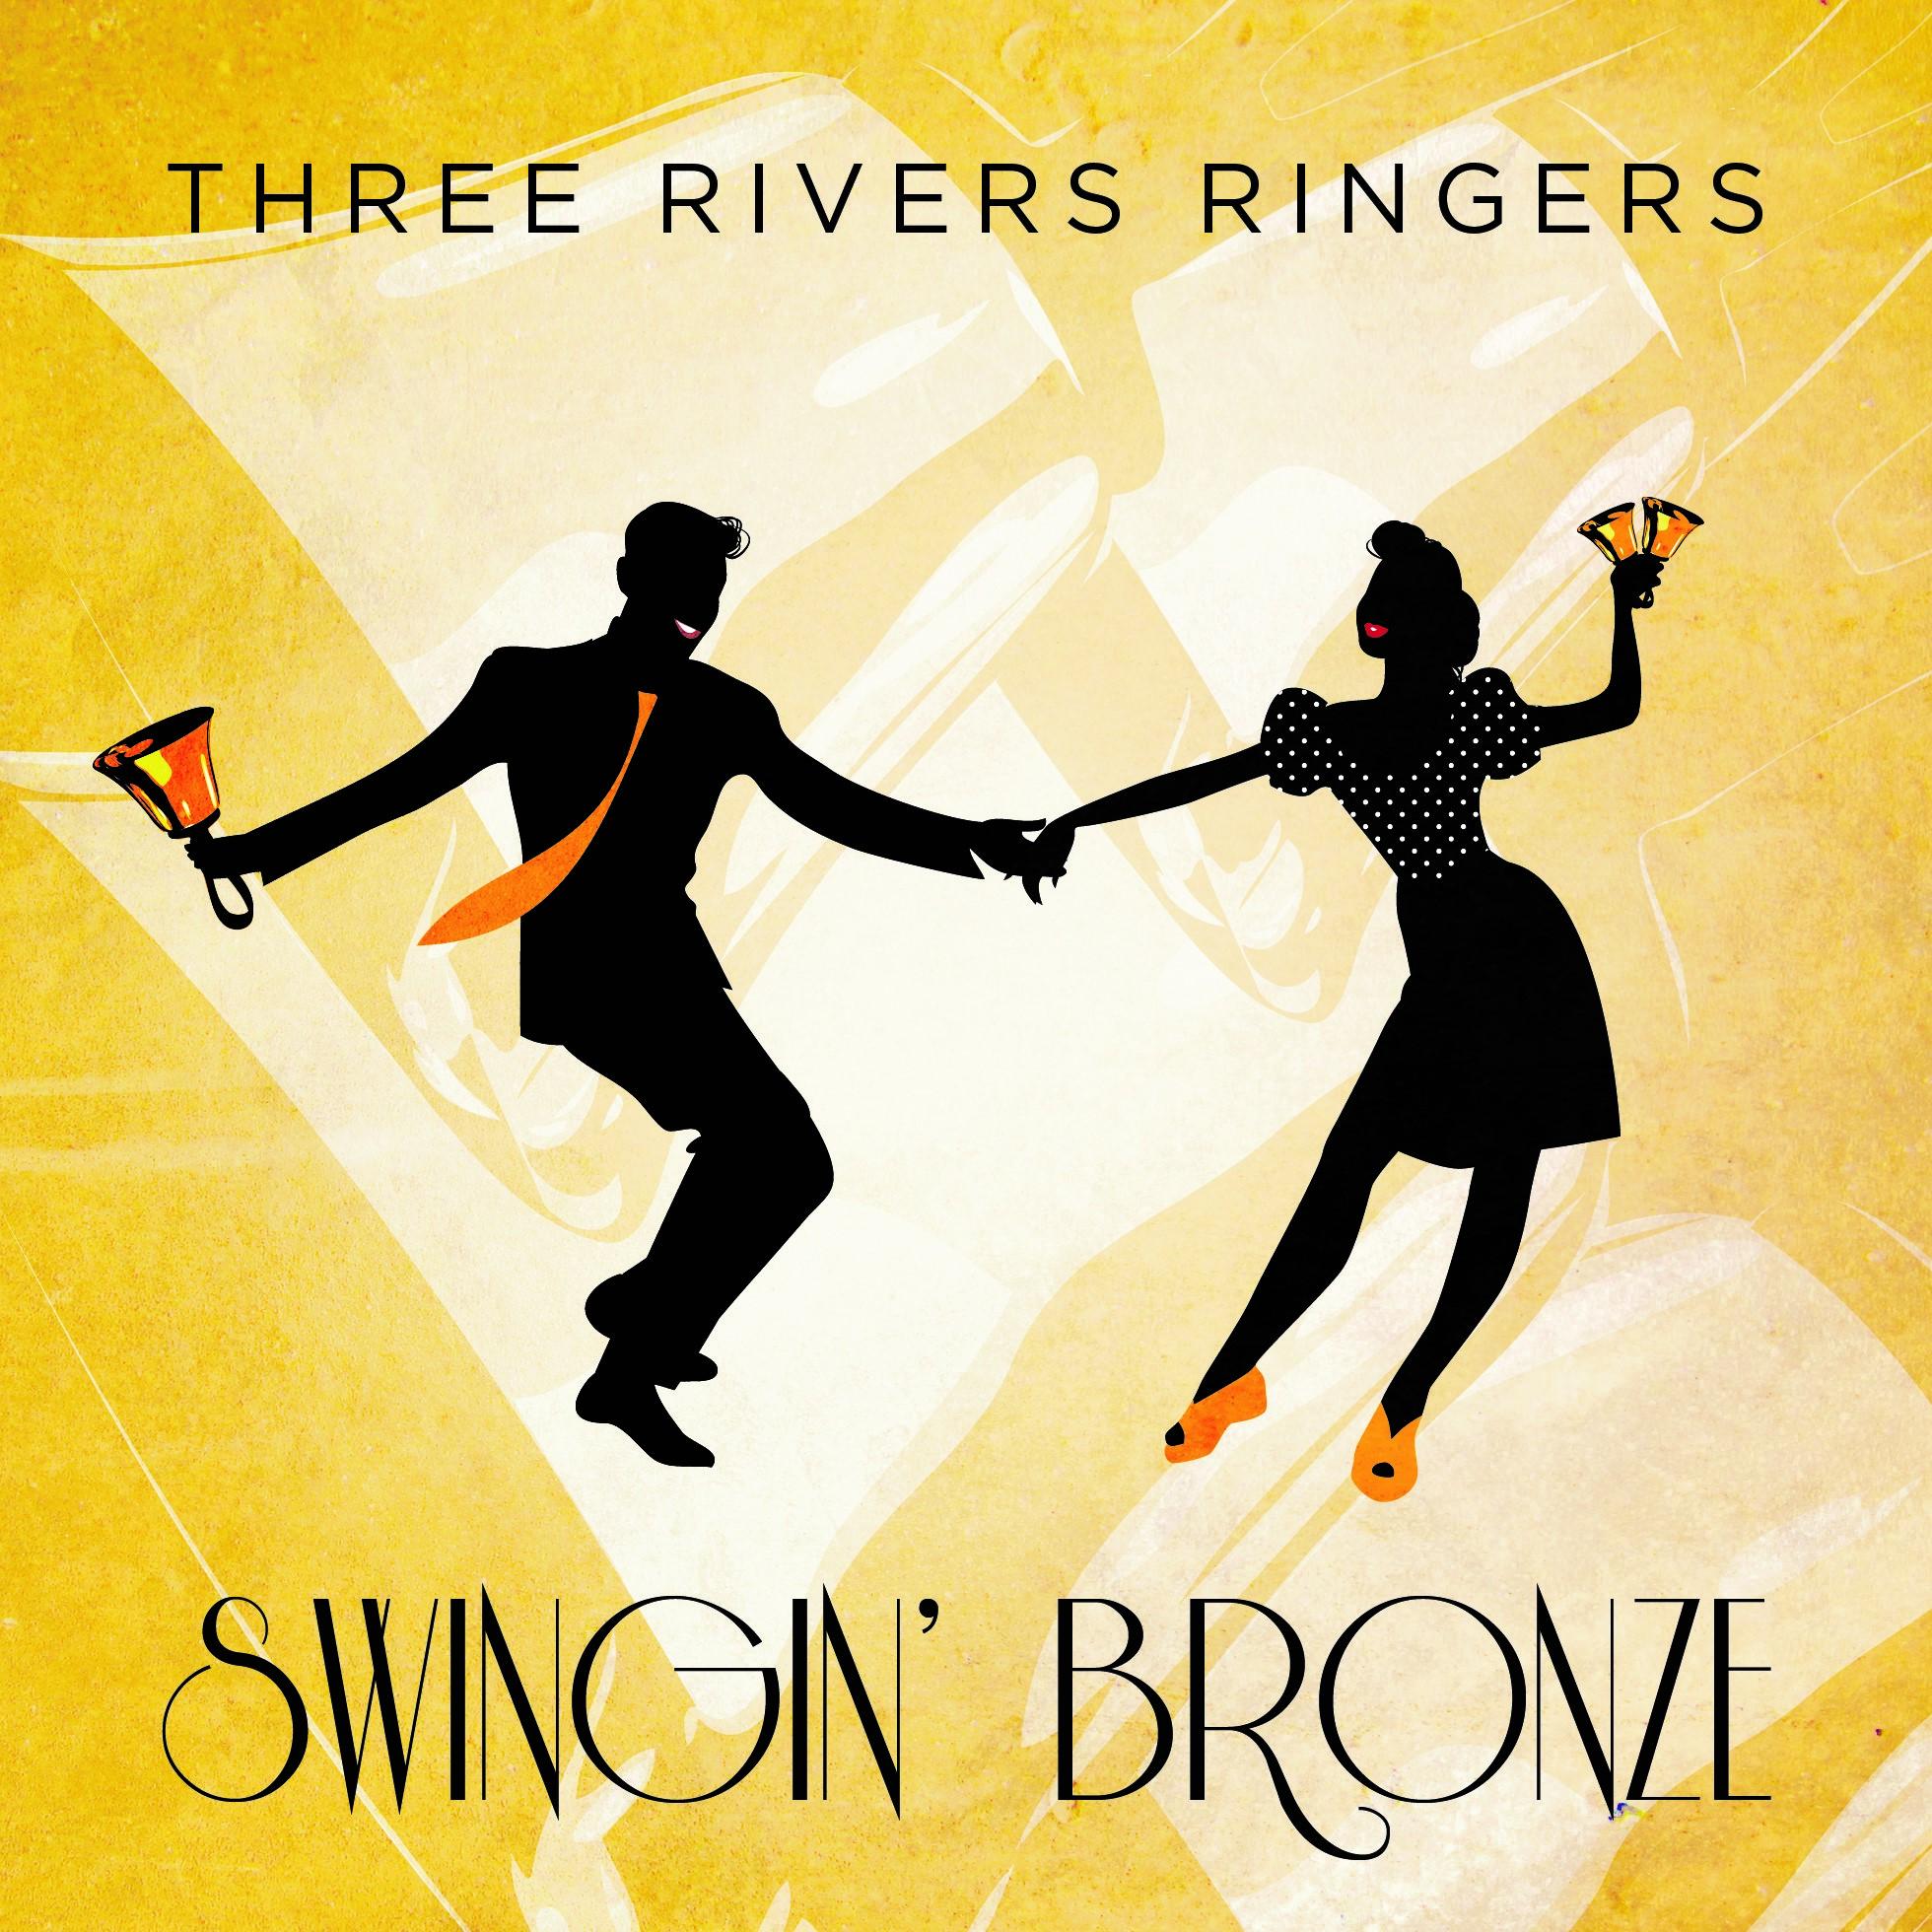 Swingin' Bronze - Three Rivers Ringers